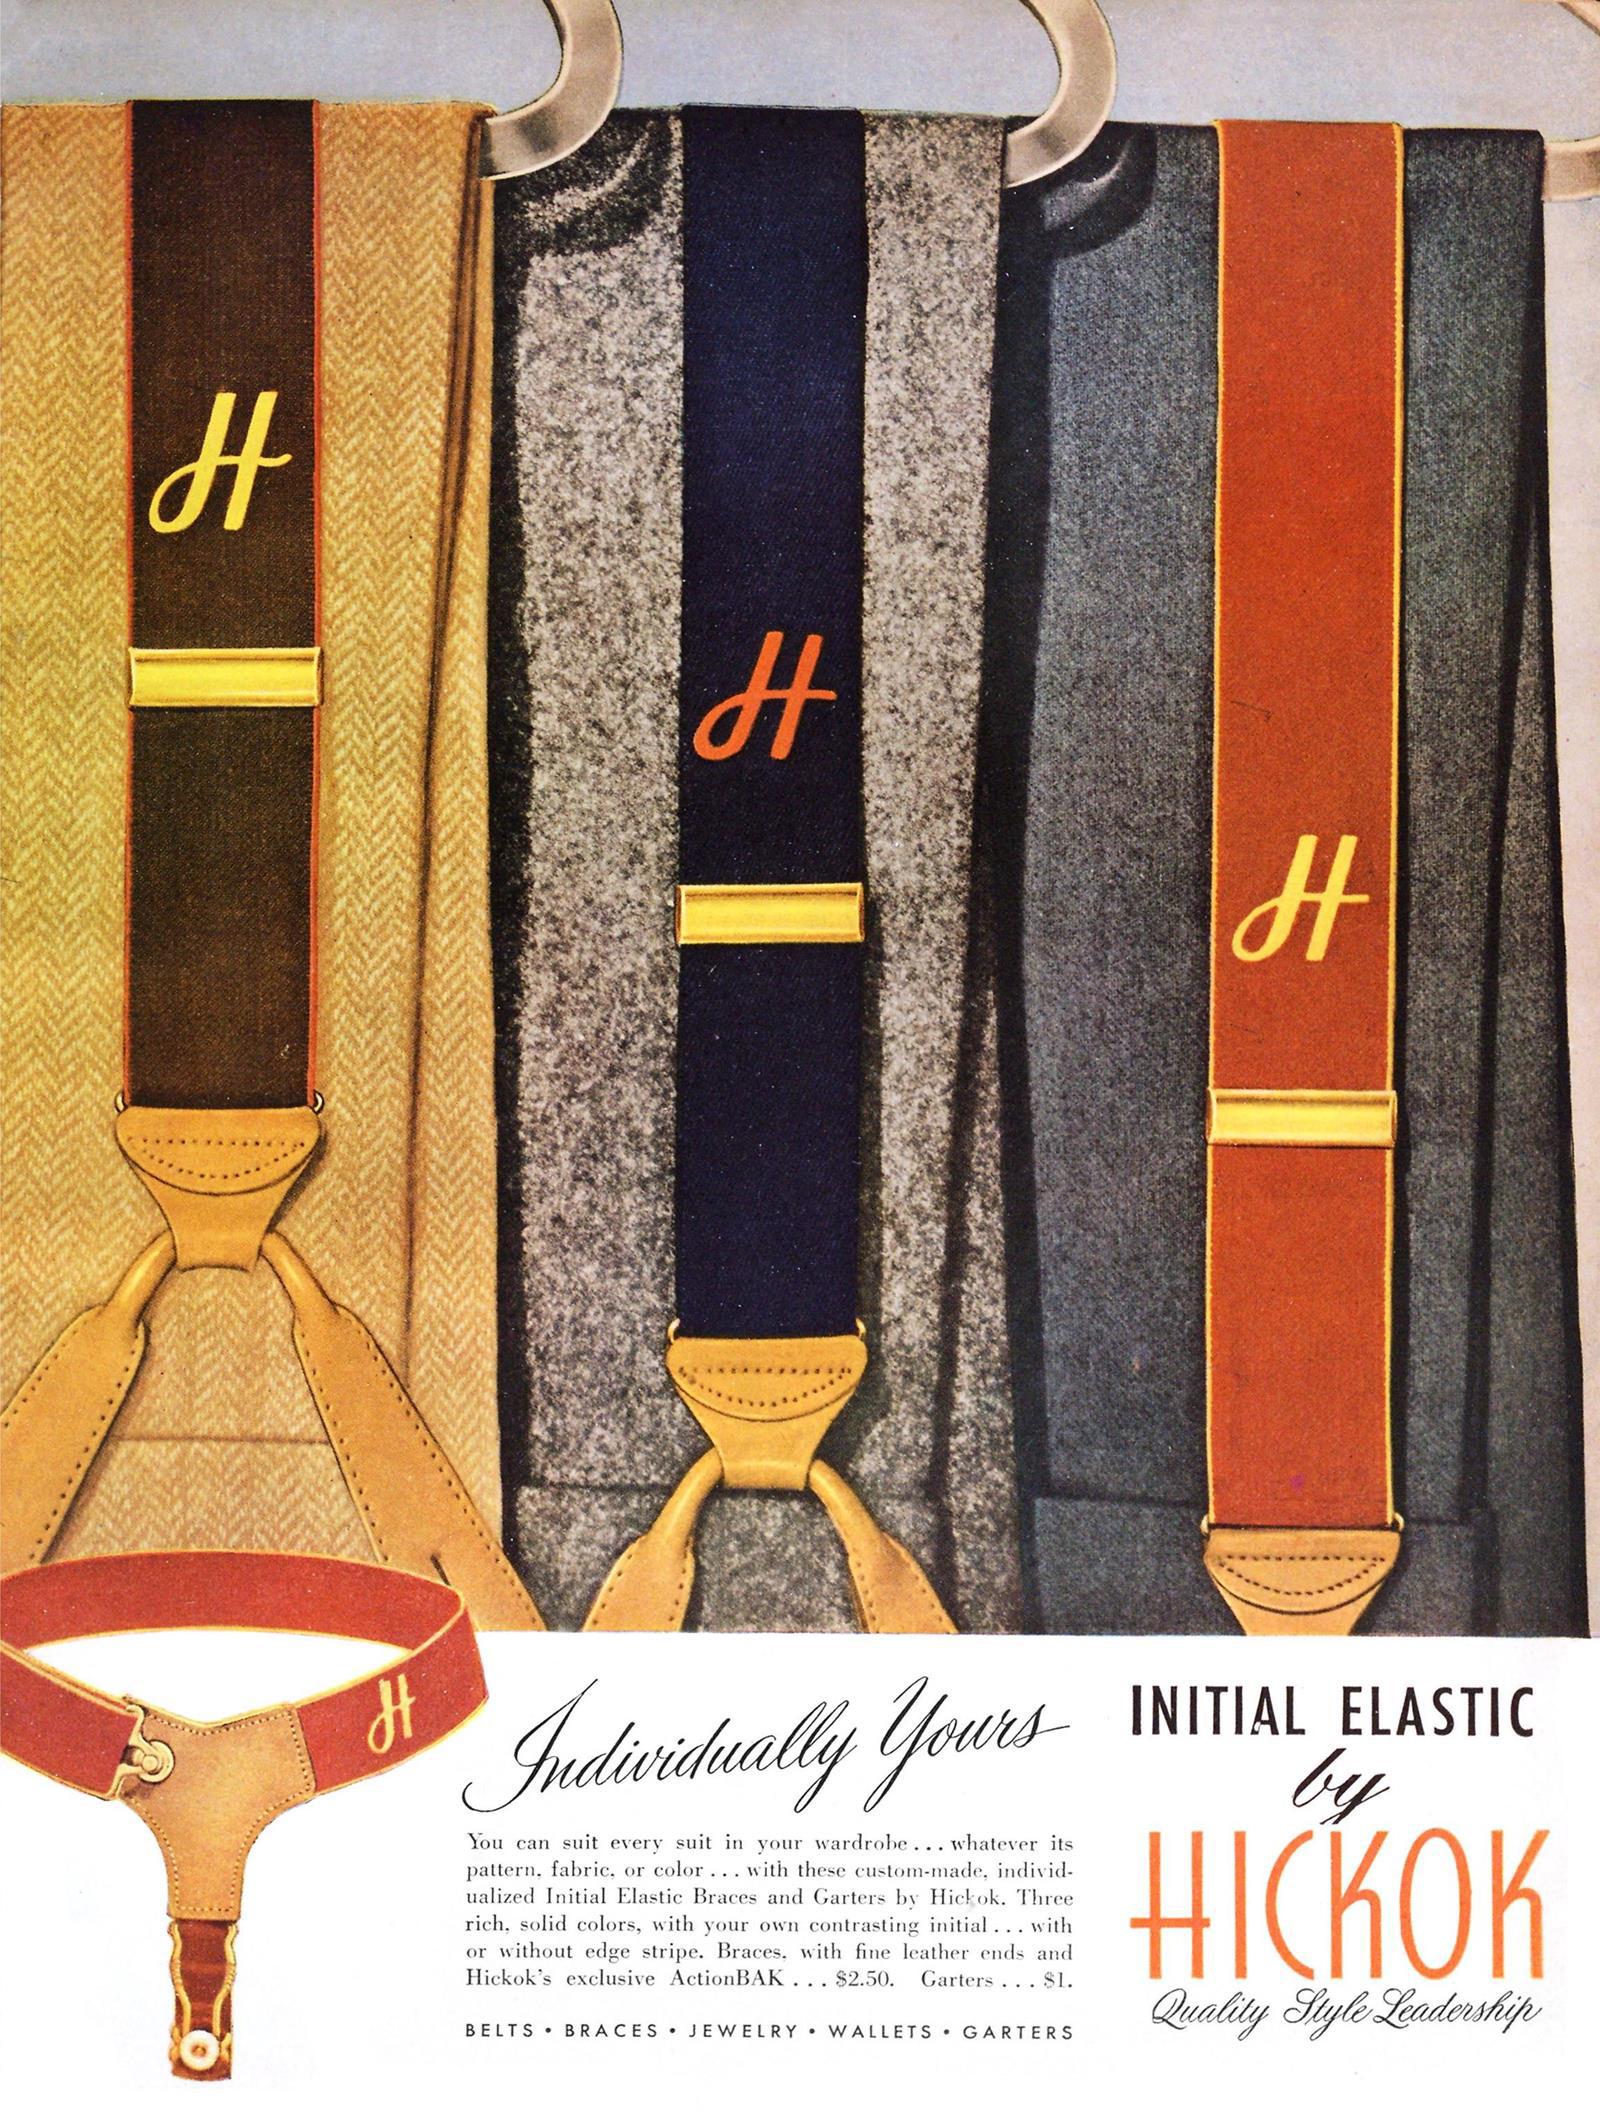 Esquire, 1 мая 1947 года. Реклама подтяжек для носков Hickok. Кастомизированные, с возможностью вышить инициалы.